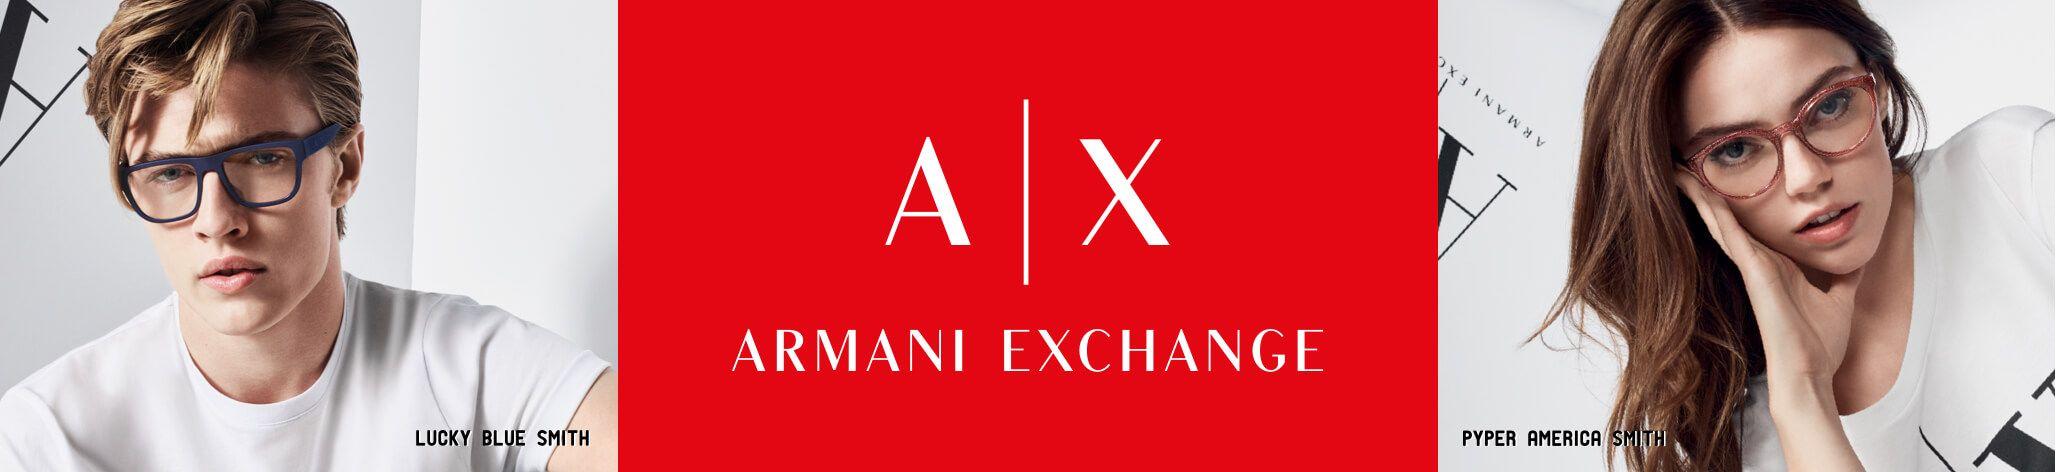 Armani Exchange banner